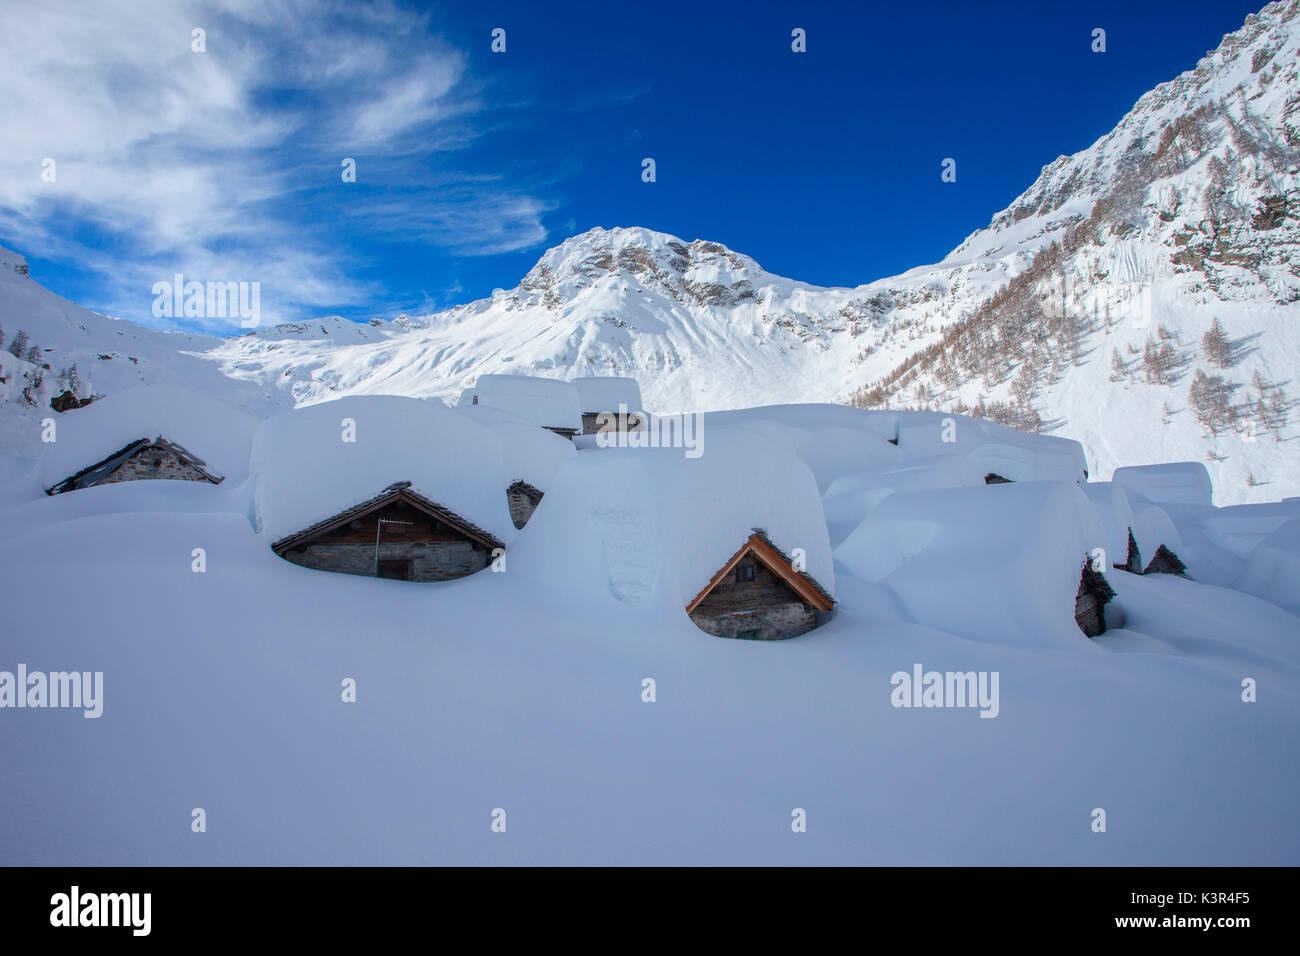 Drogone valley, Lendine alp in background Pizzaccio montagna Val Chiavenna, Lombardia, Italia Foto Stock